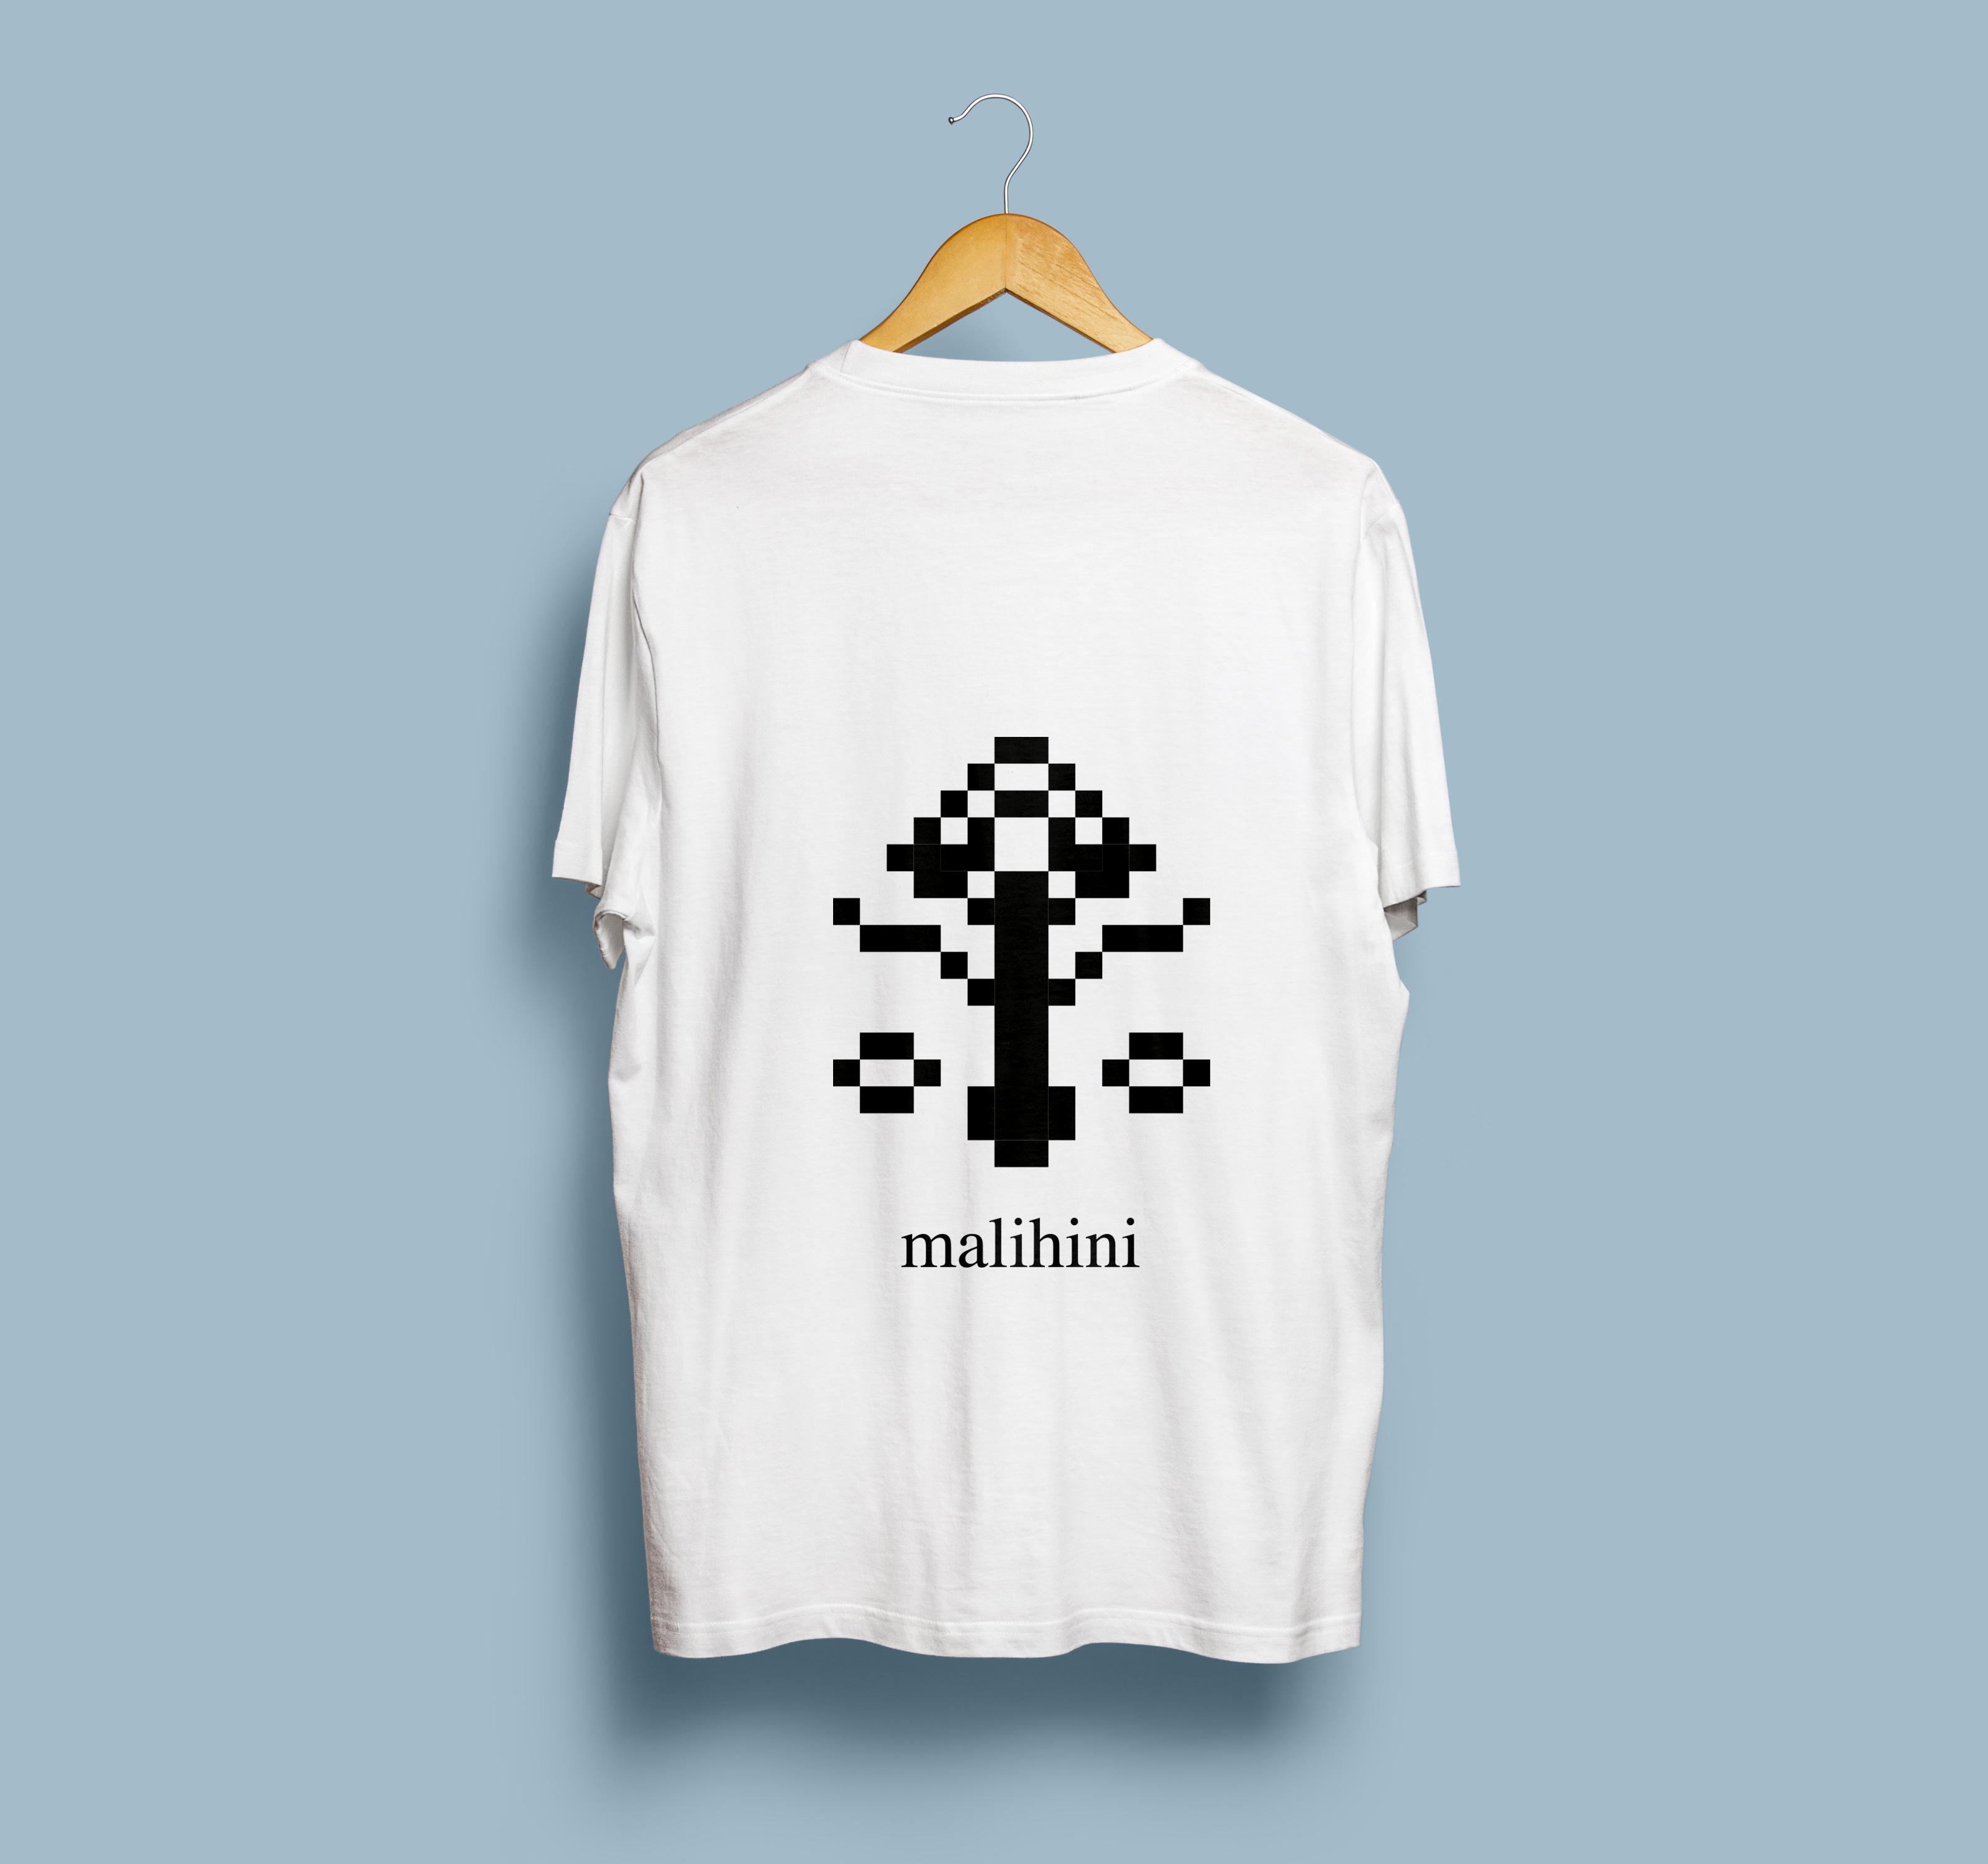 Malihini T-Shirt - malihini